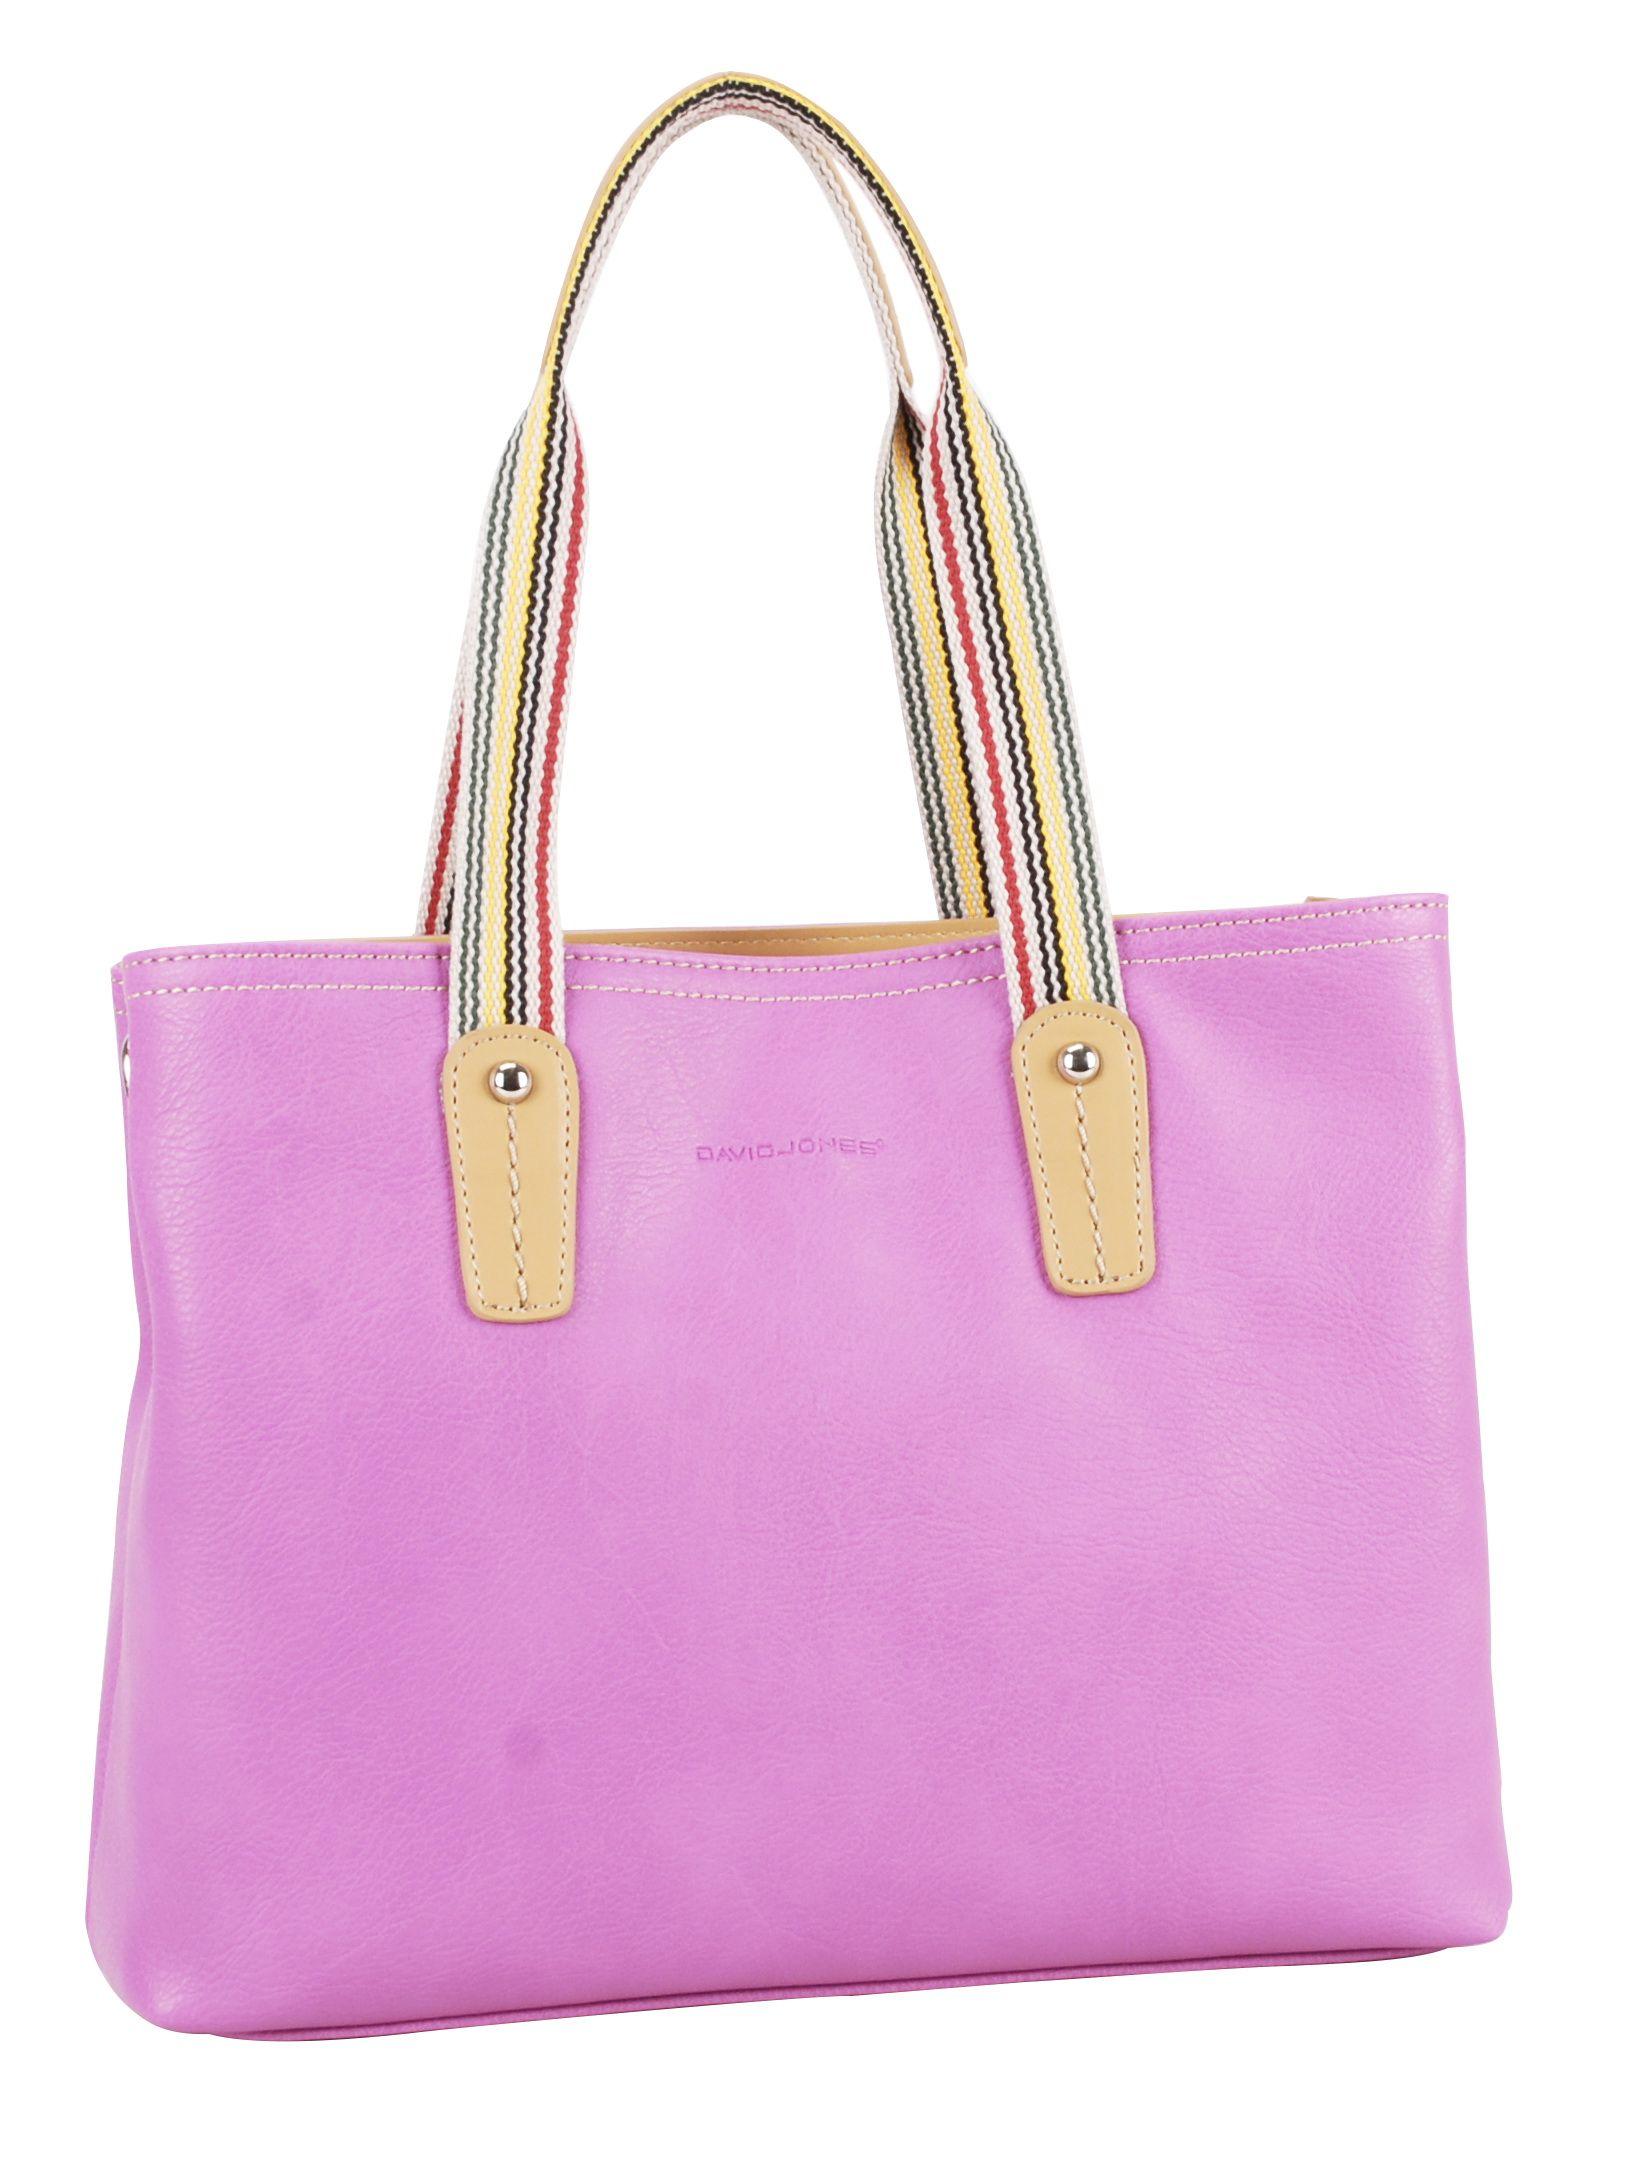 David Jones Rose Red Bag Bags Best Handbags Roses